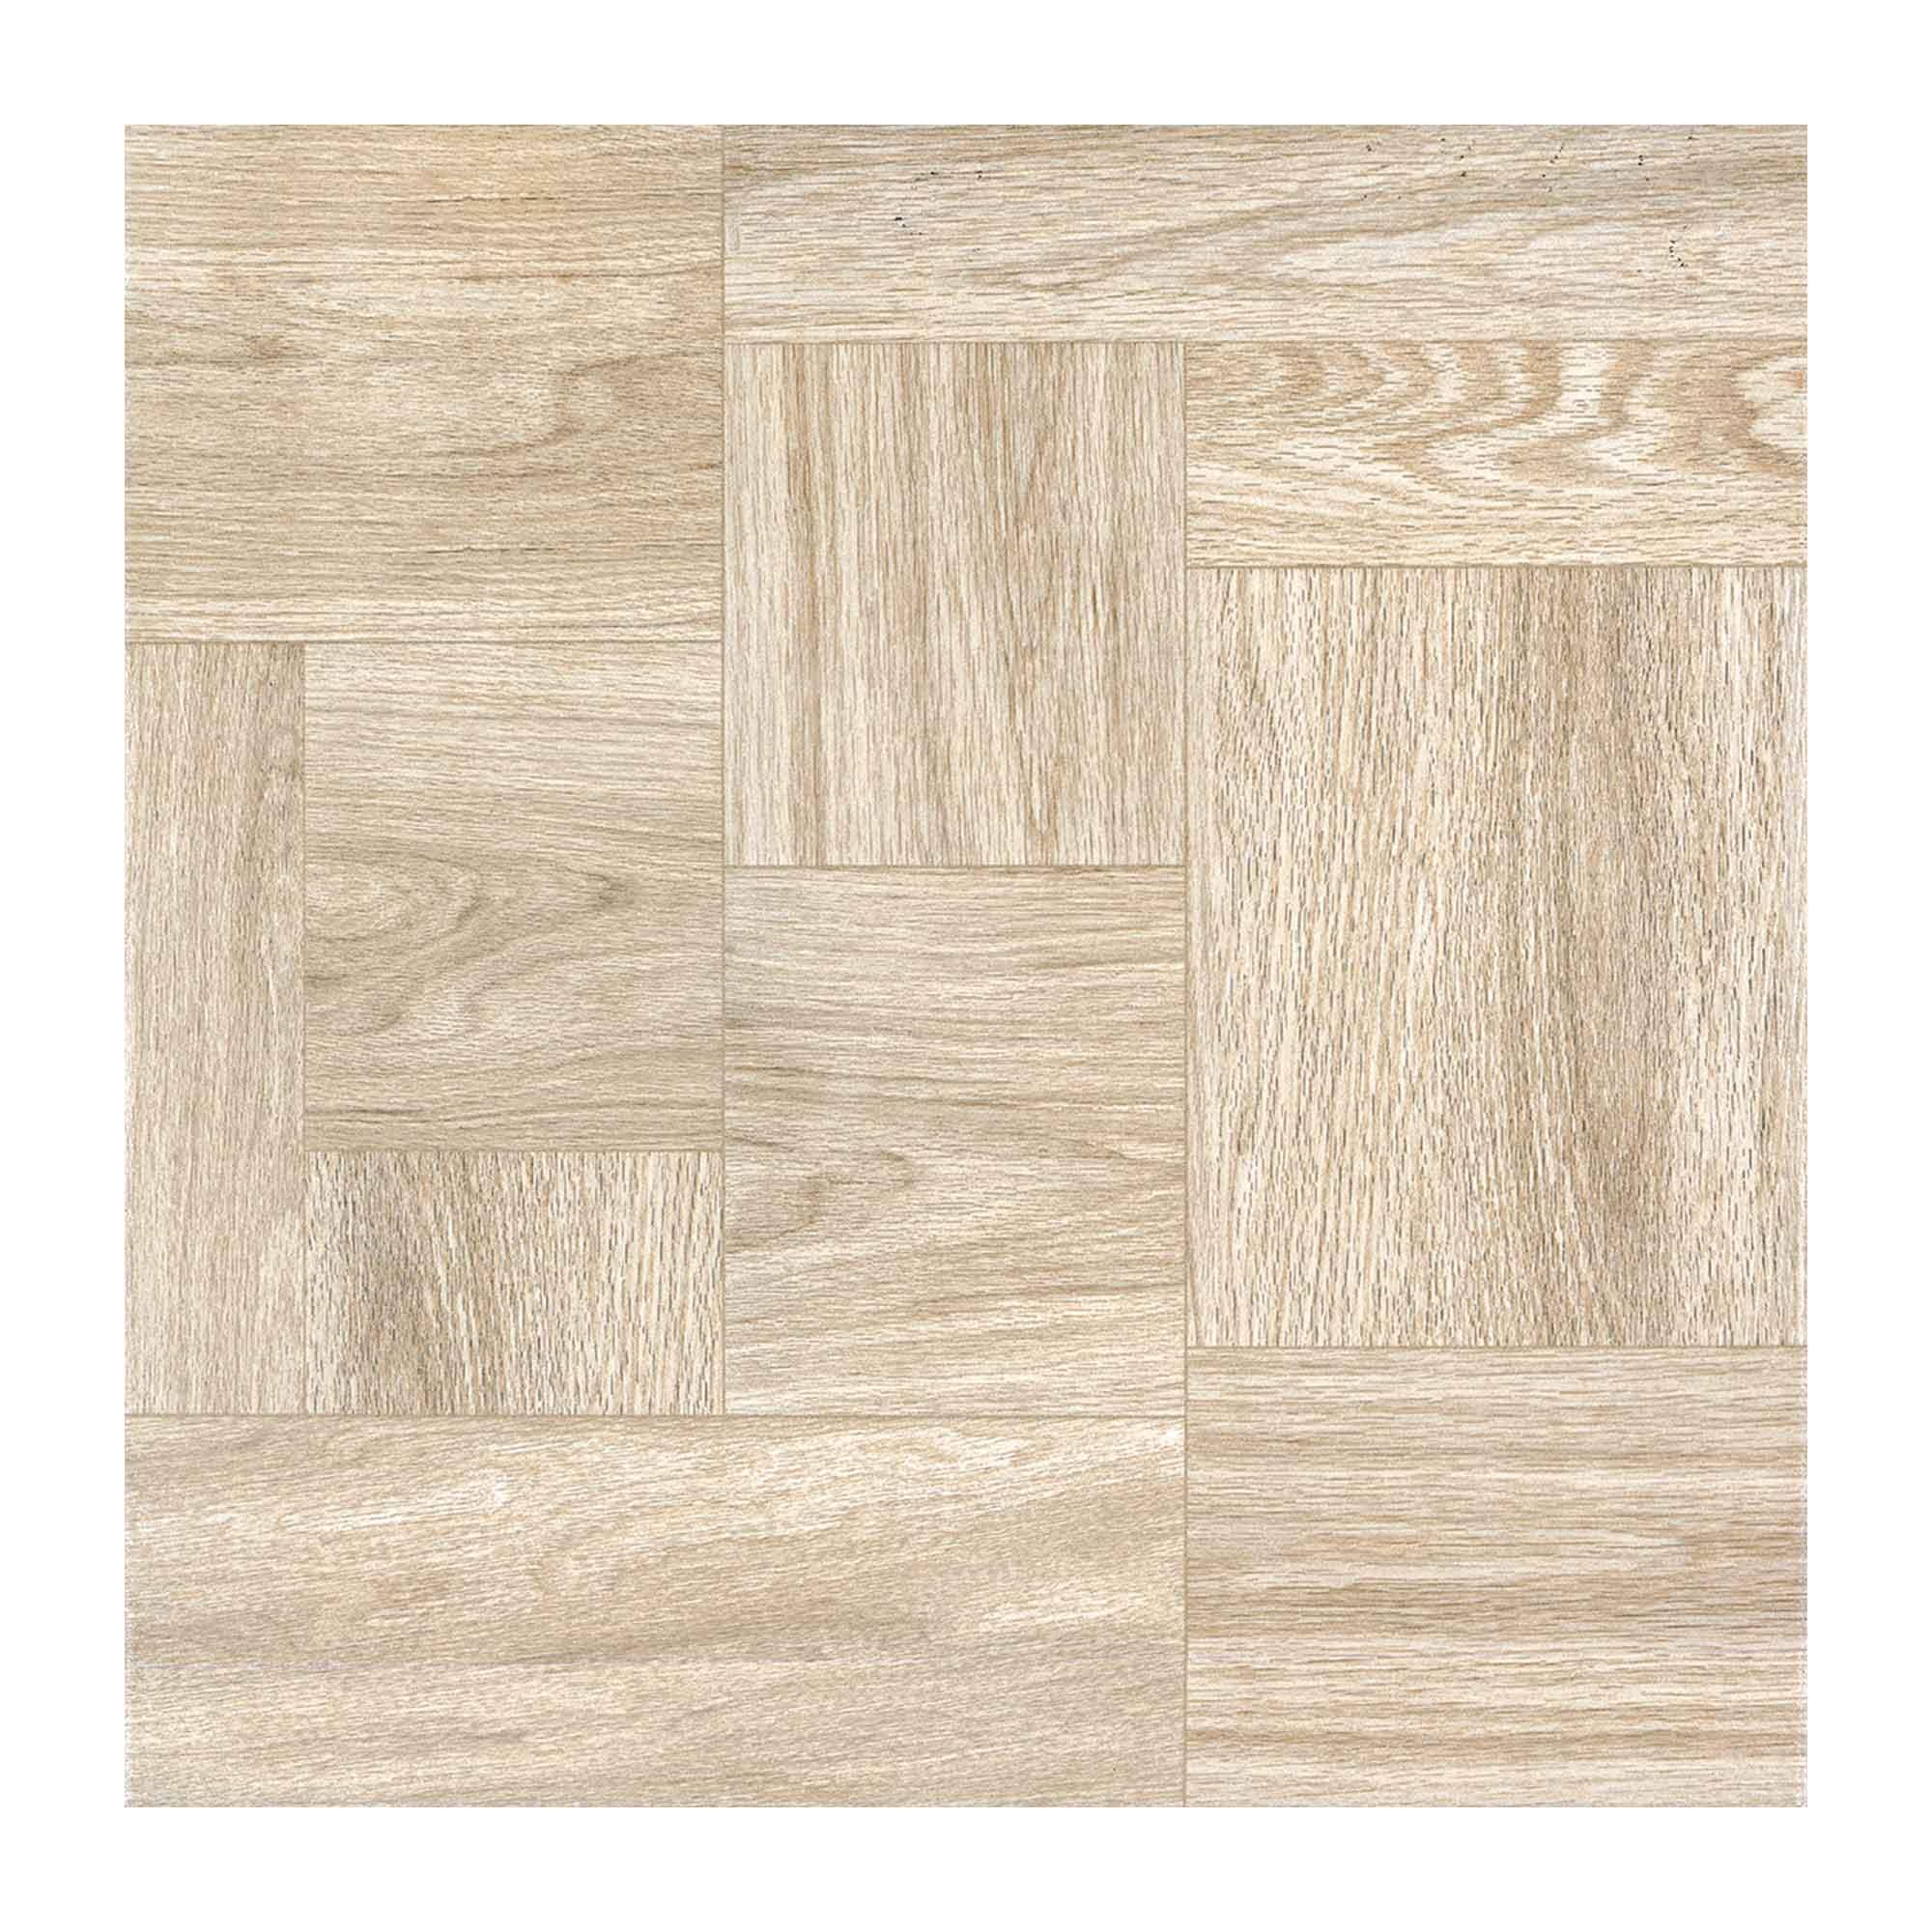 Gresie portelanata interior/exterior Nordic Wood, PEI 4, mata, bej,  patrata, grosime 9 mm, 45 x 45 cm imagine 2021 mathaus